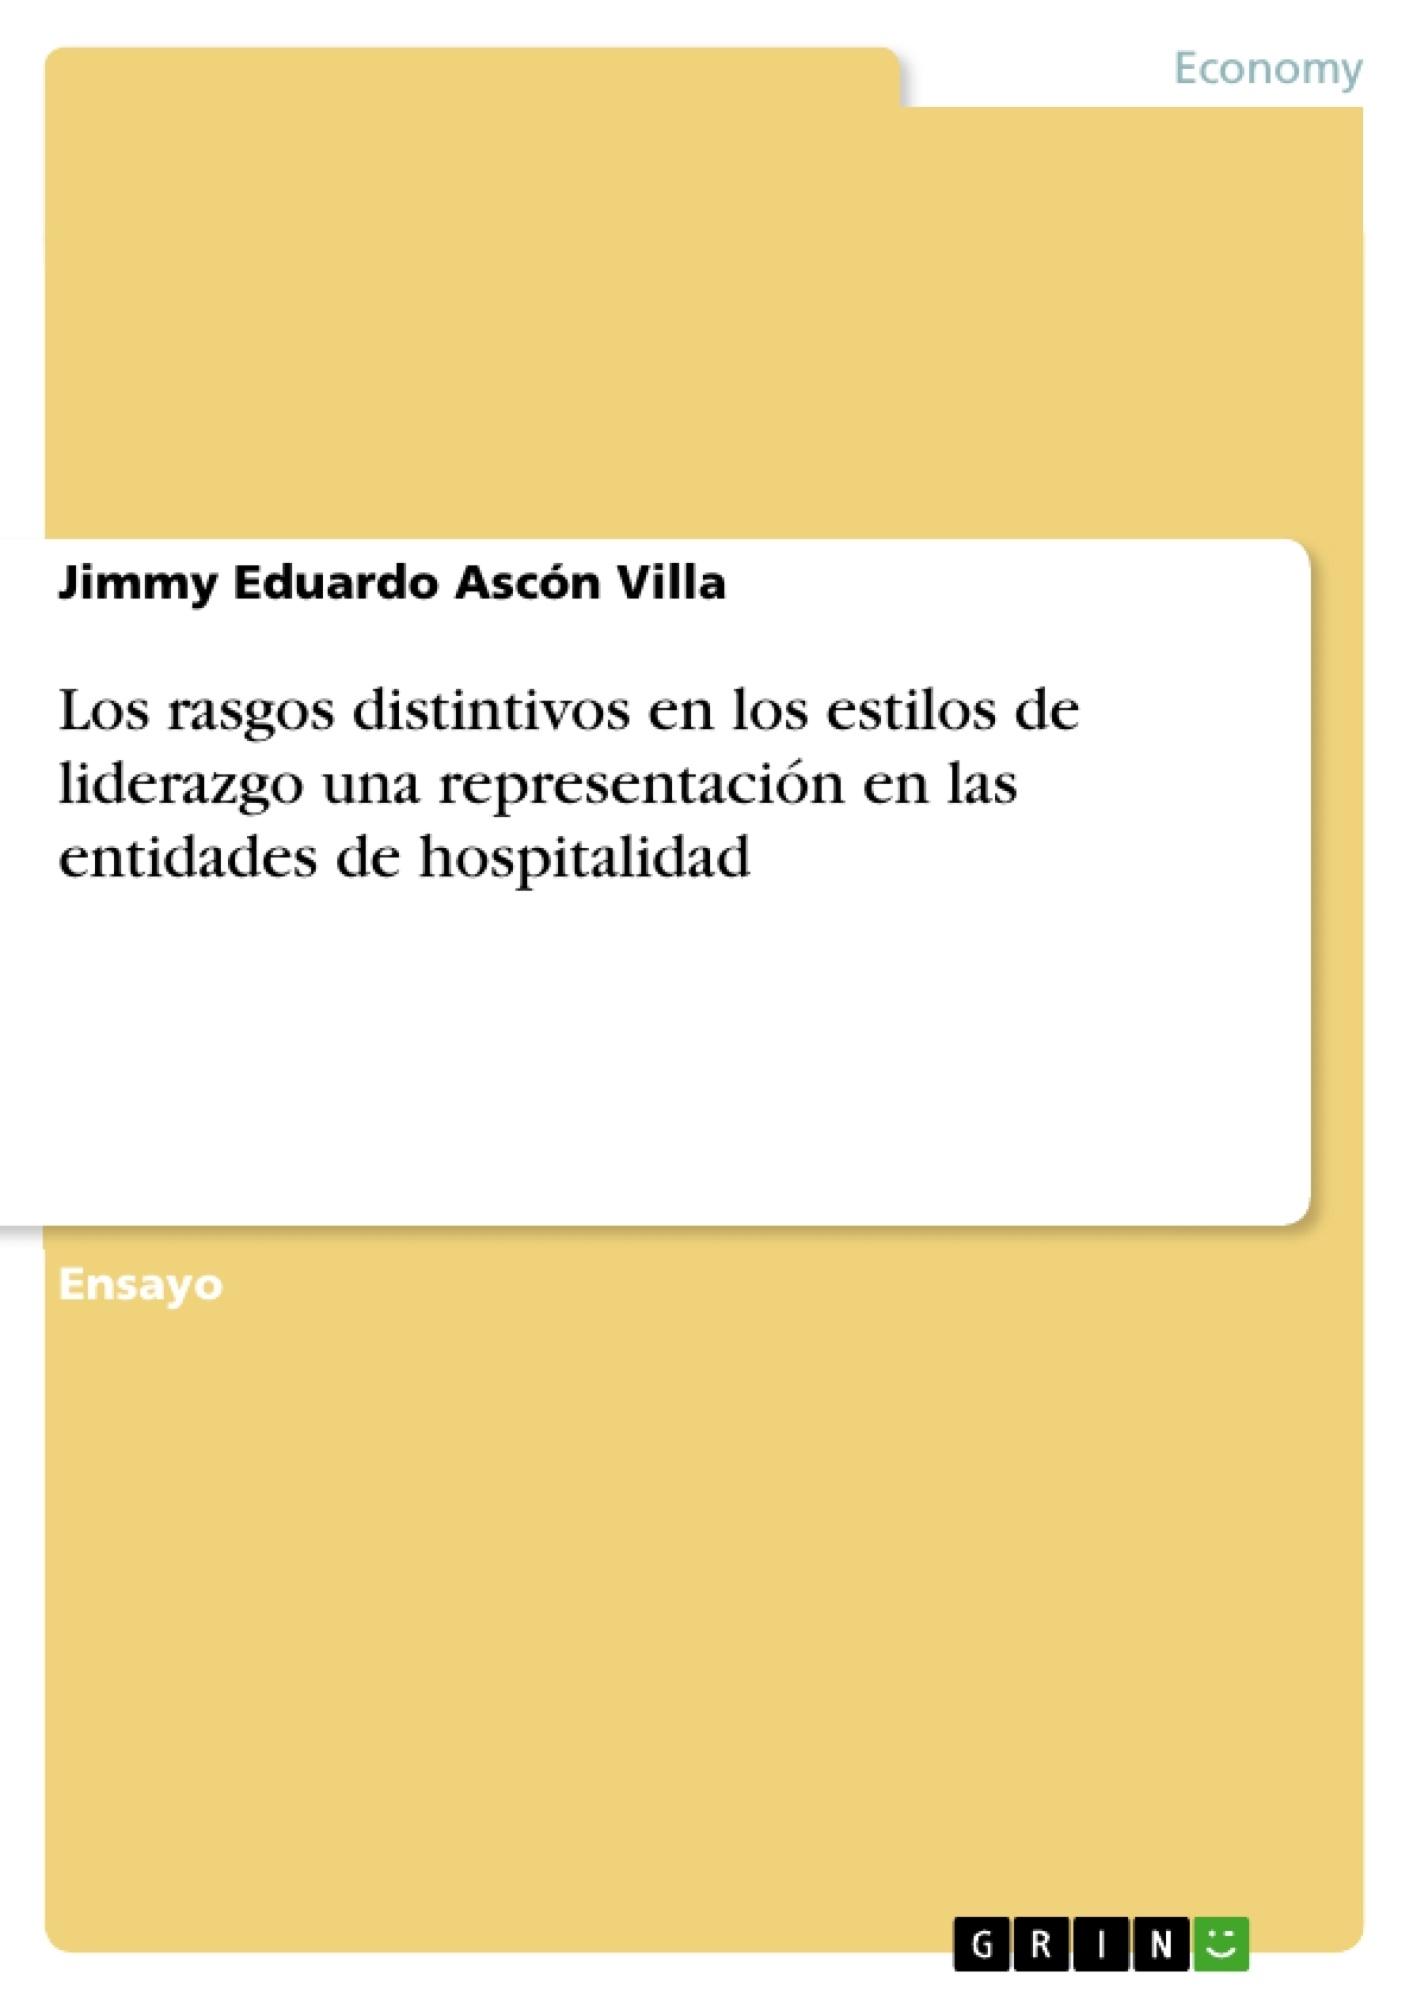 Título: Los rasgos distintivos en los estilos de liderazgo una representación en las entidades de hospitalidad